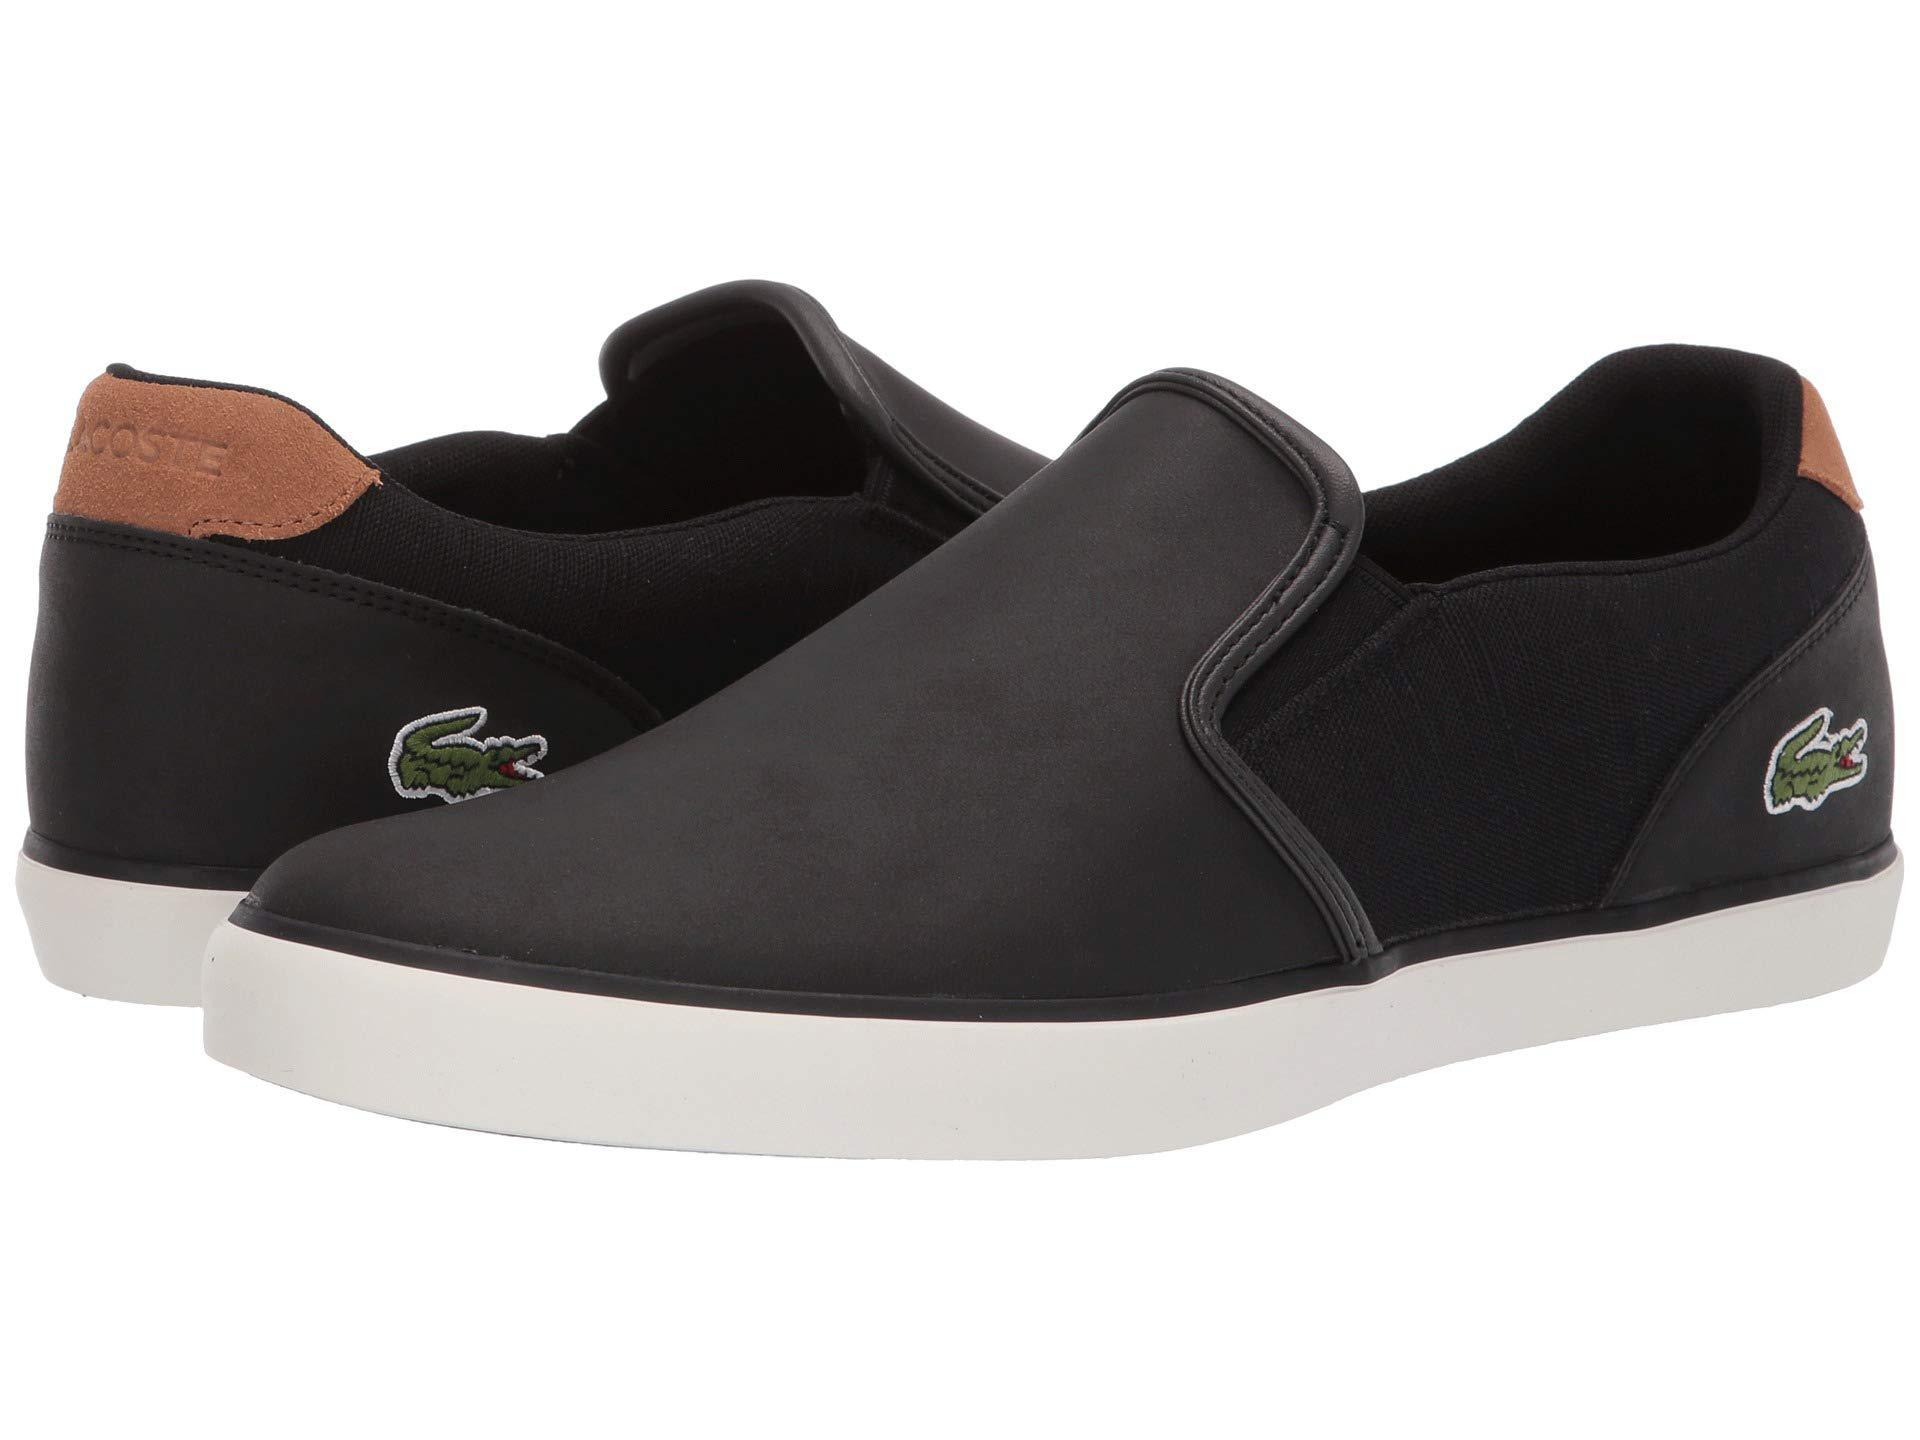 0708f831b8a2d Lyst - Lacoste Jouer Slip 119 2 (navy light Brown) Men s Shoes in ...